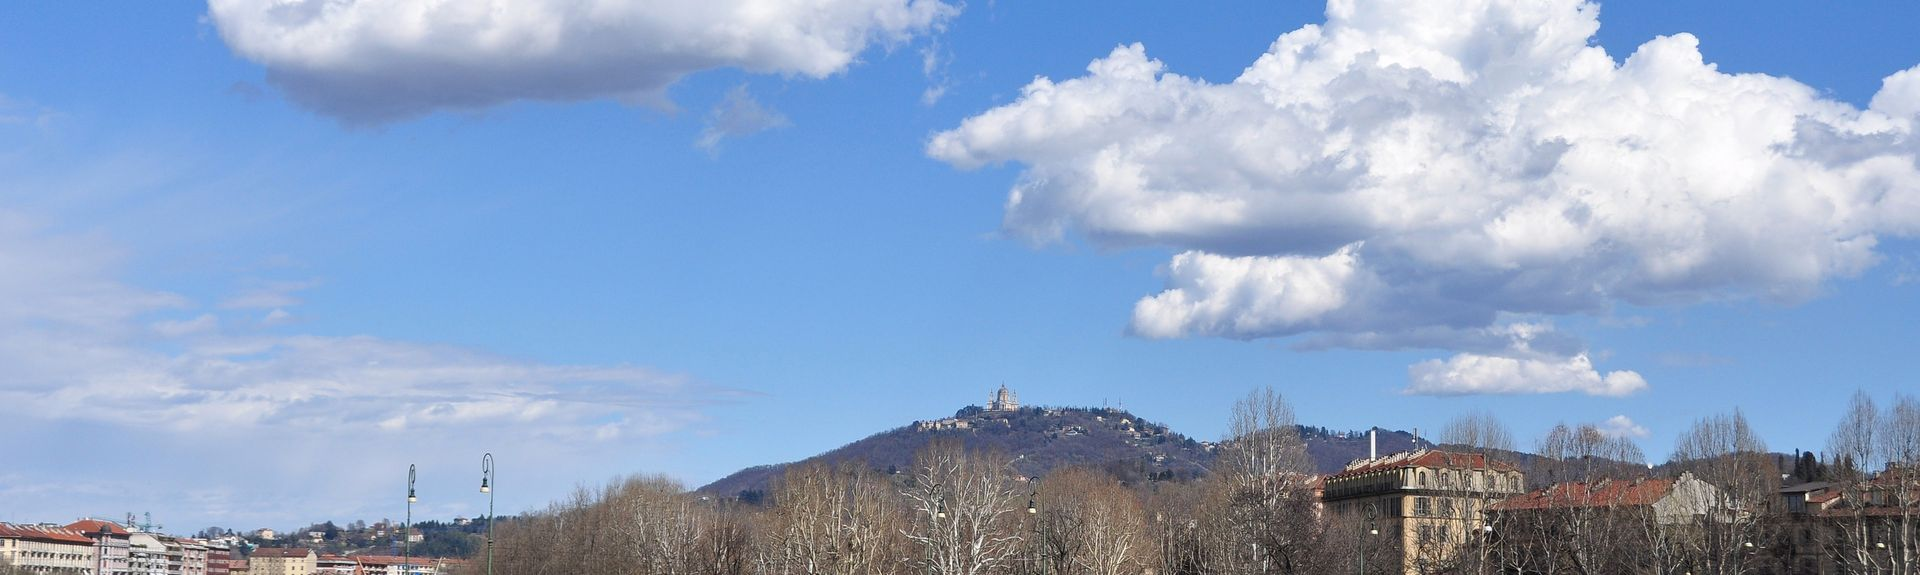 Campidoglio, Turin, Piedmont, Italy